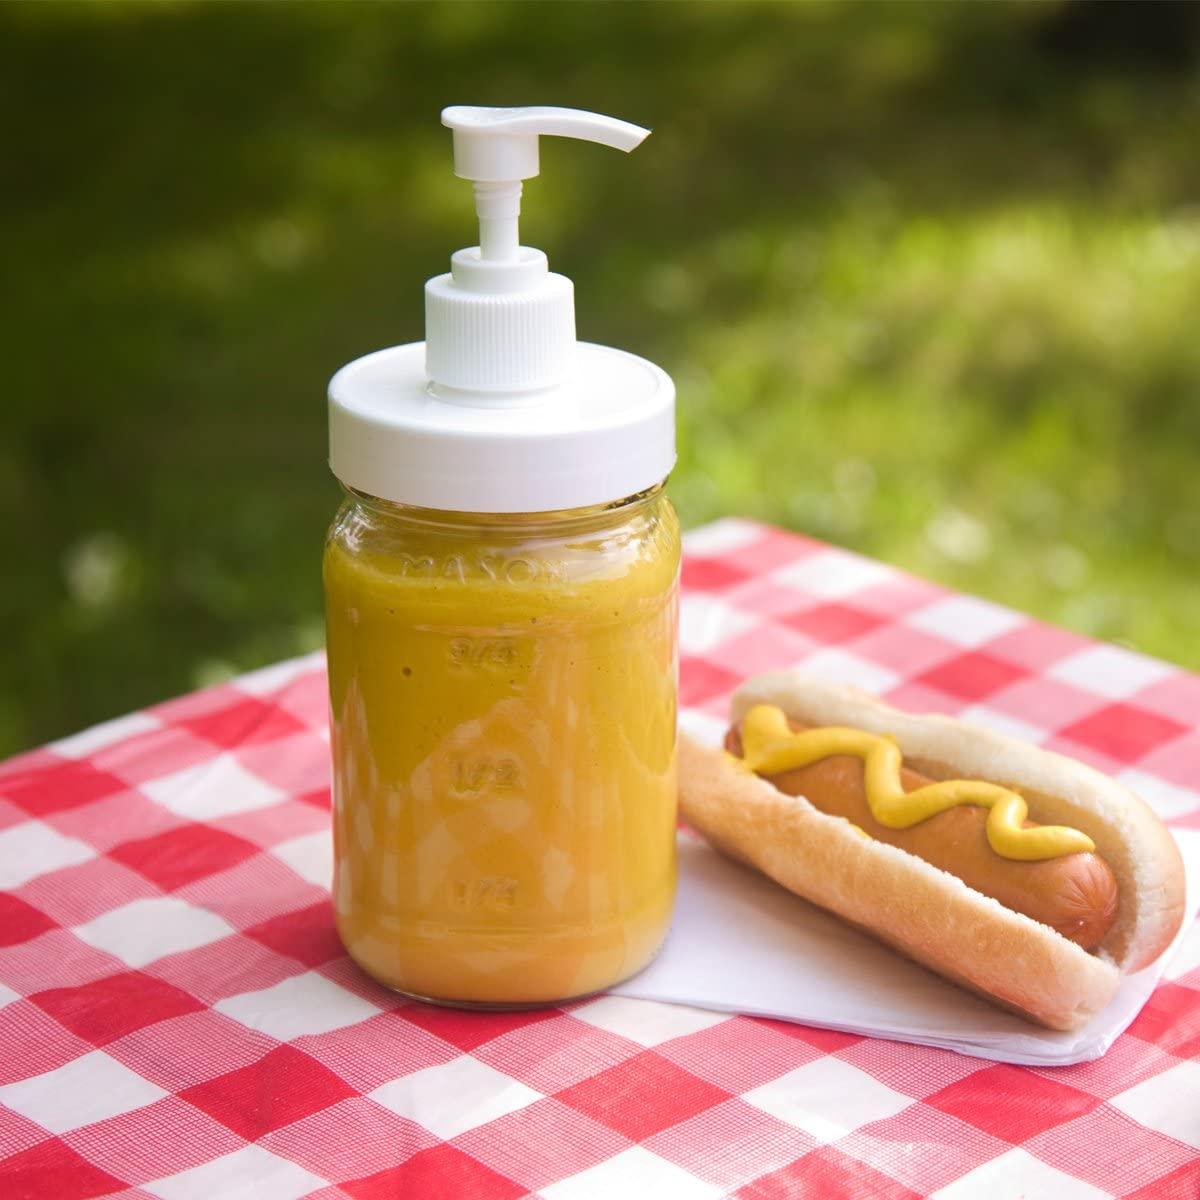 reCAP AP-R-WHT1 Canning Jar Lid